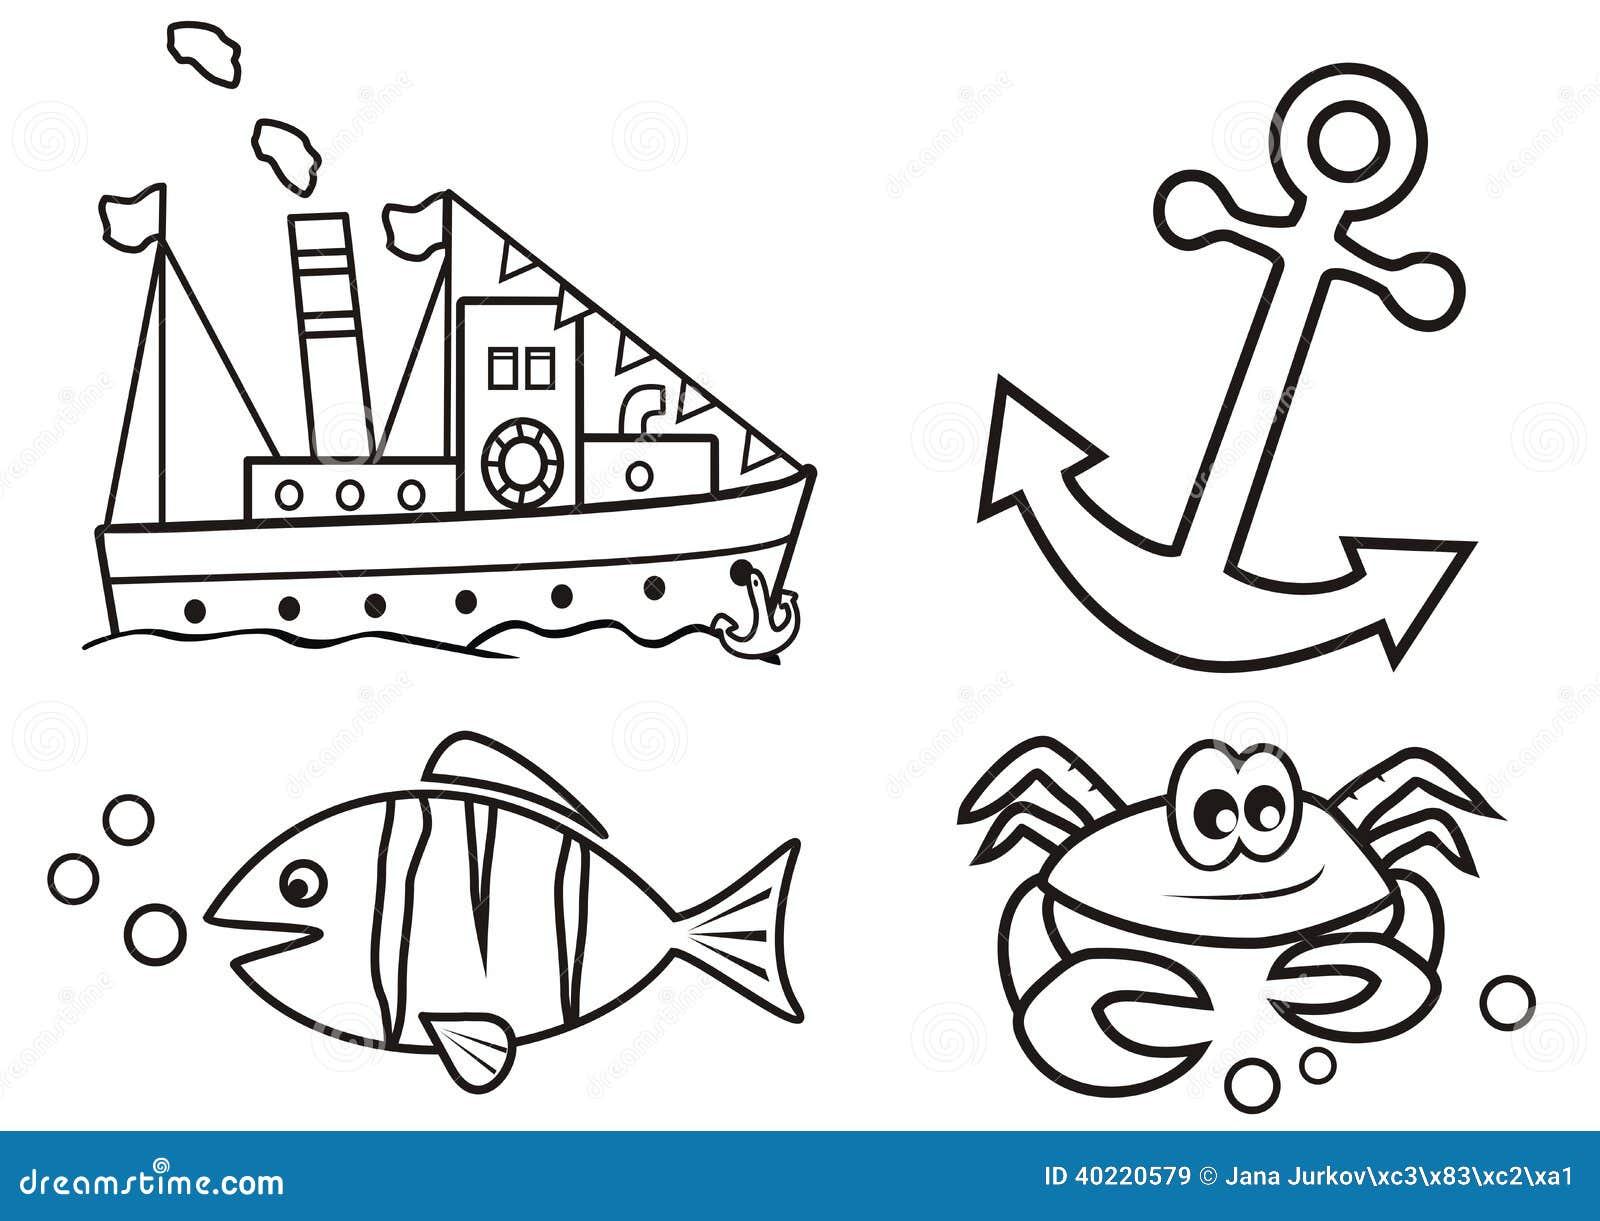 Océano - libro de colorear ilustración del vector. Ilustración de ...